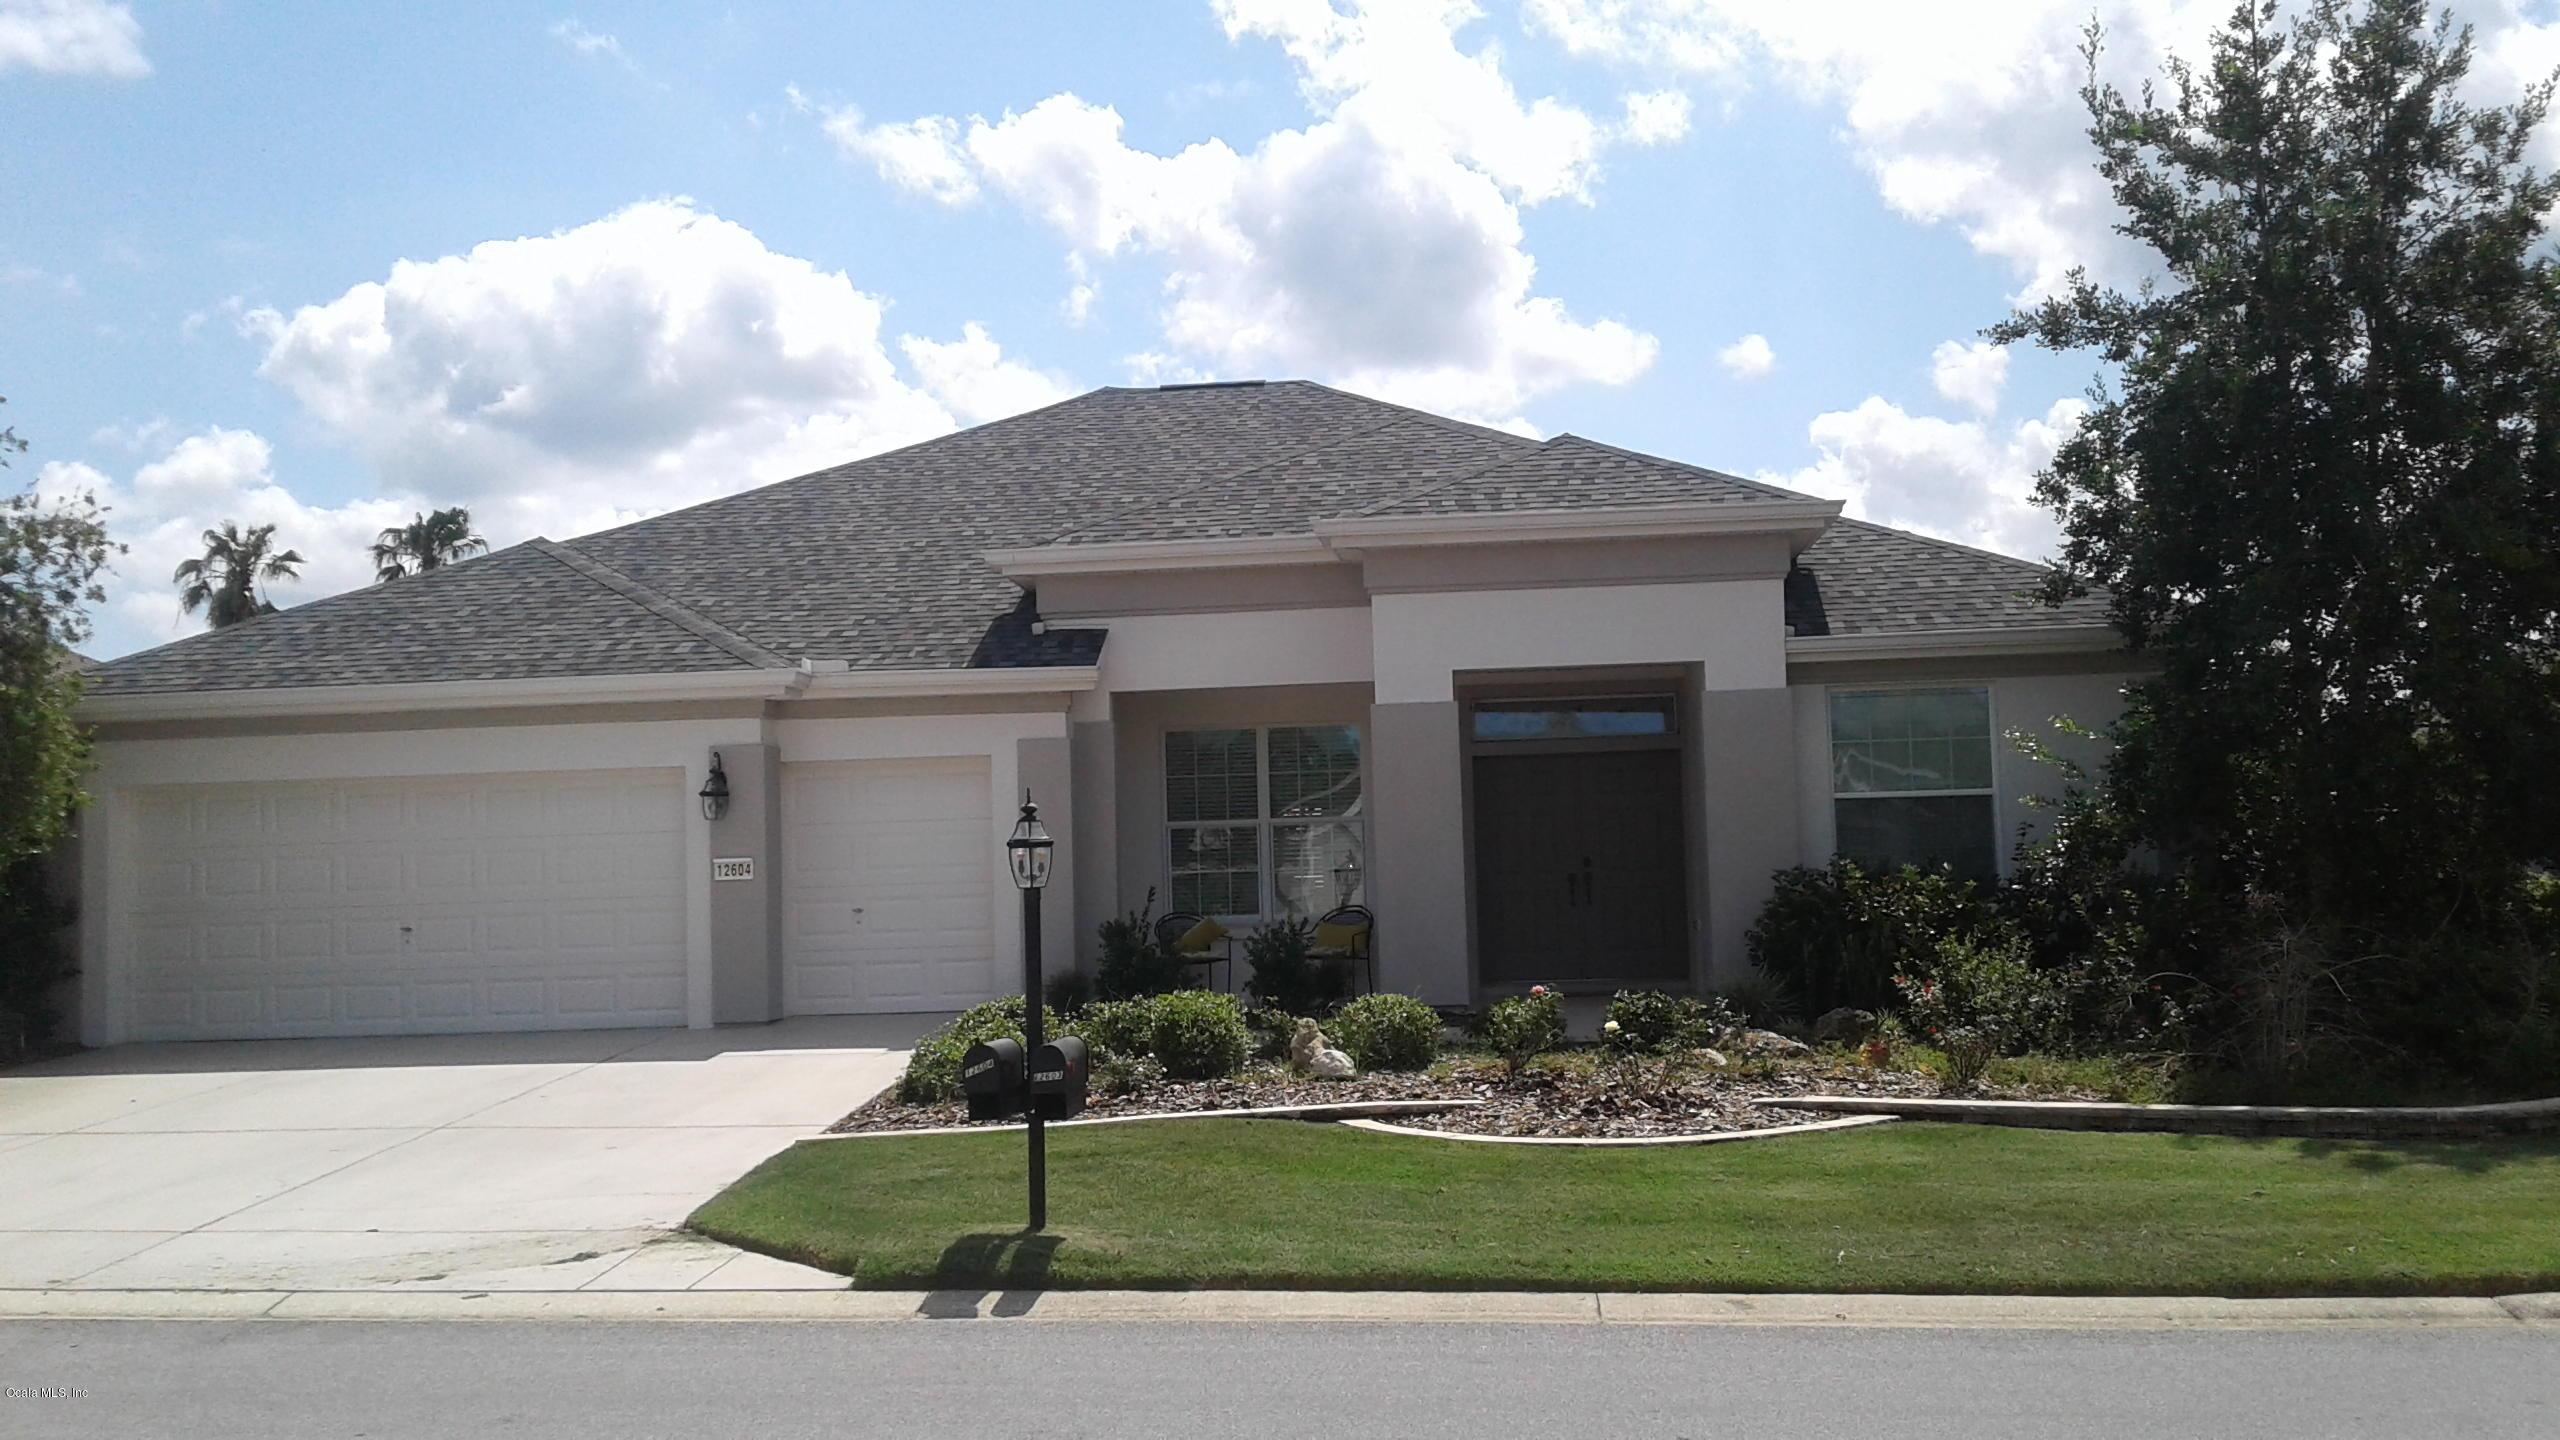 12604 SE 97 TERR RD, SUMMERFIELD, FL 34491